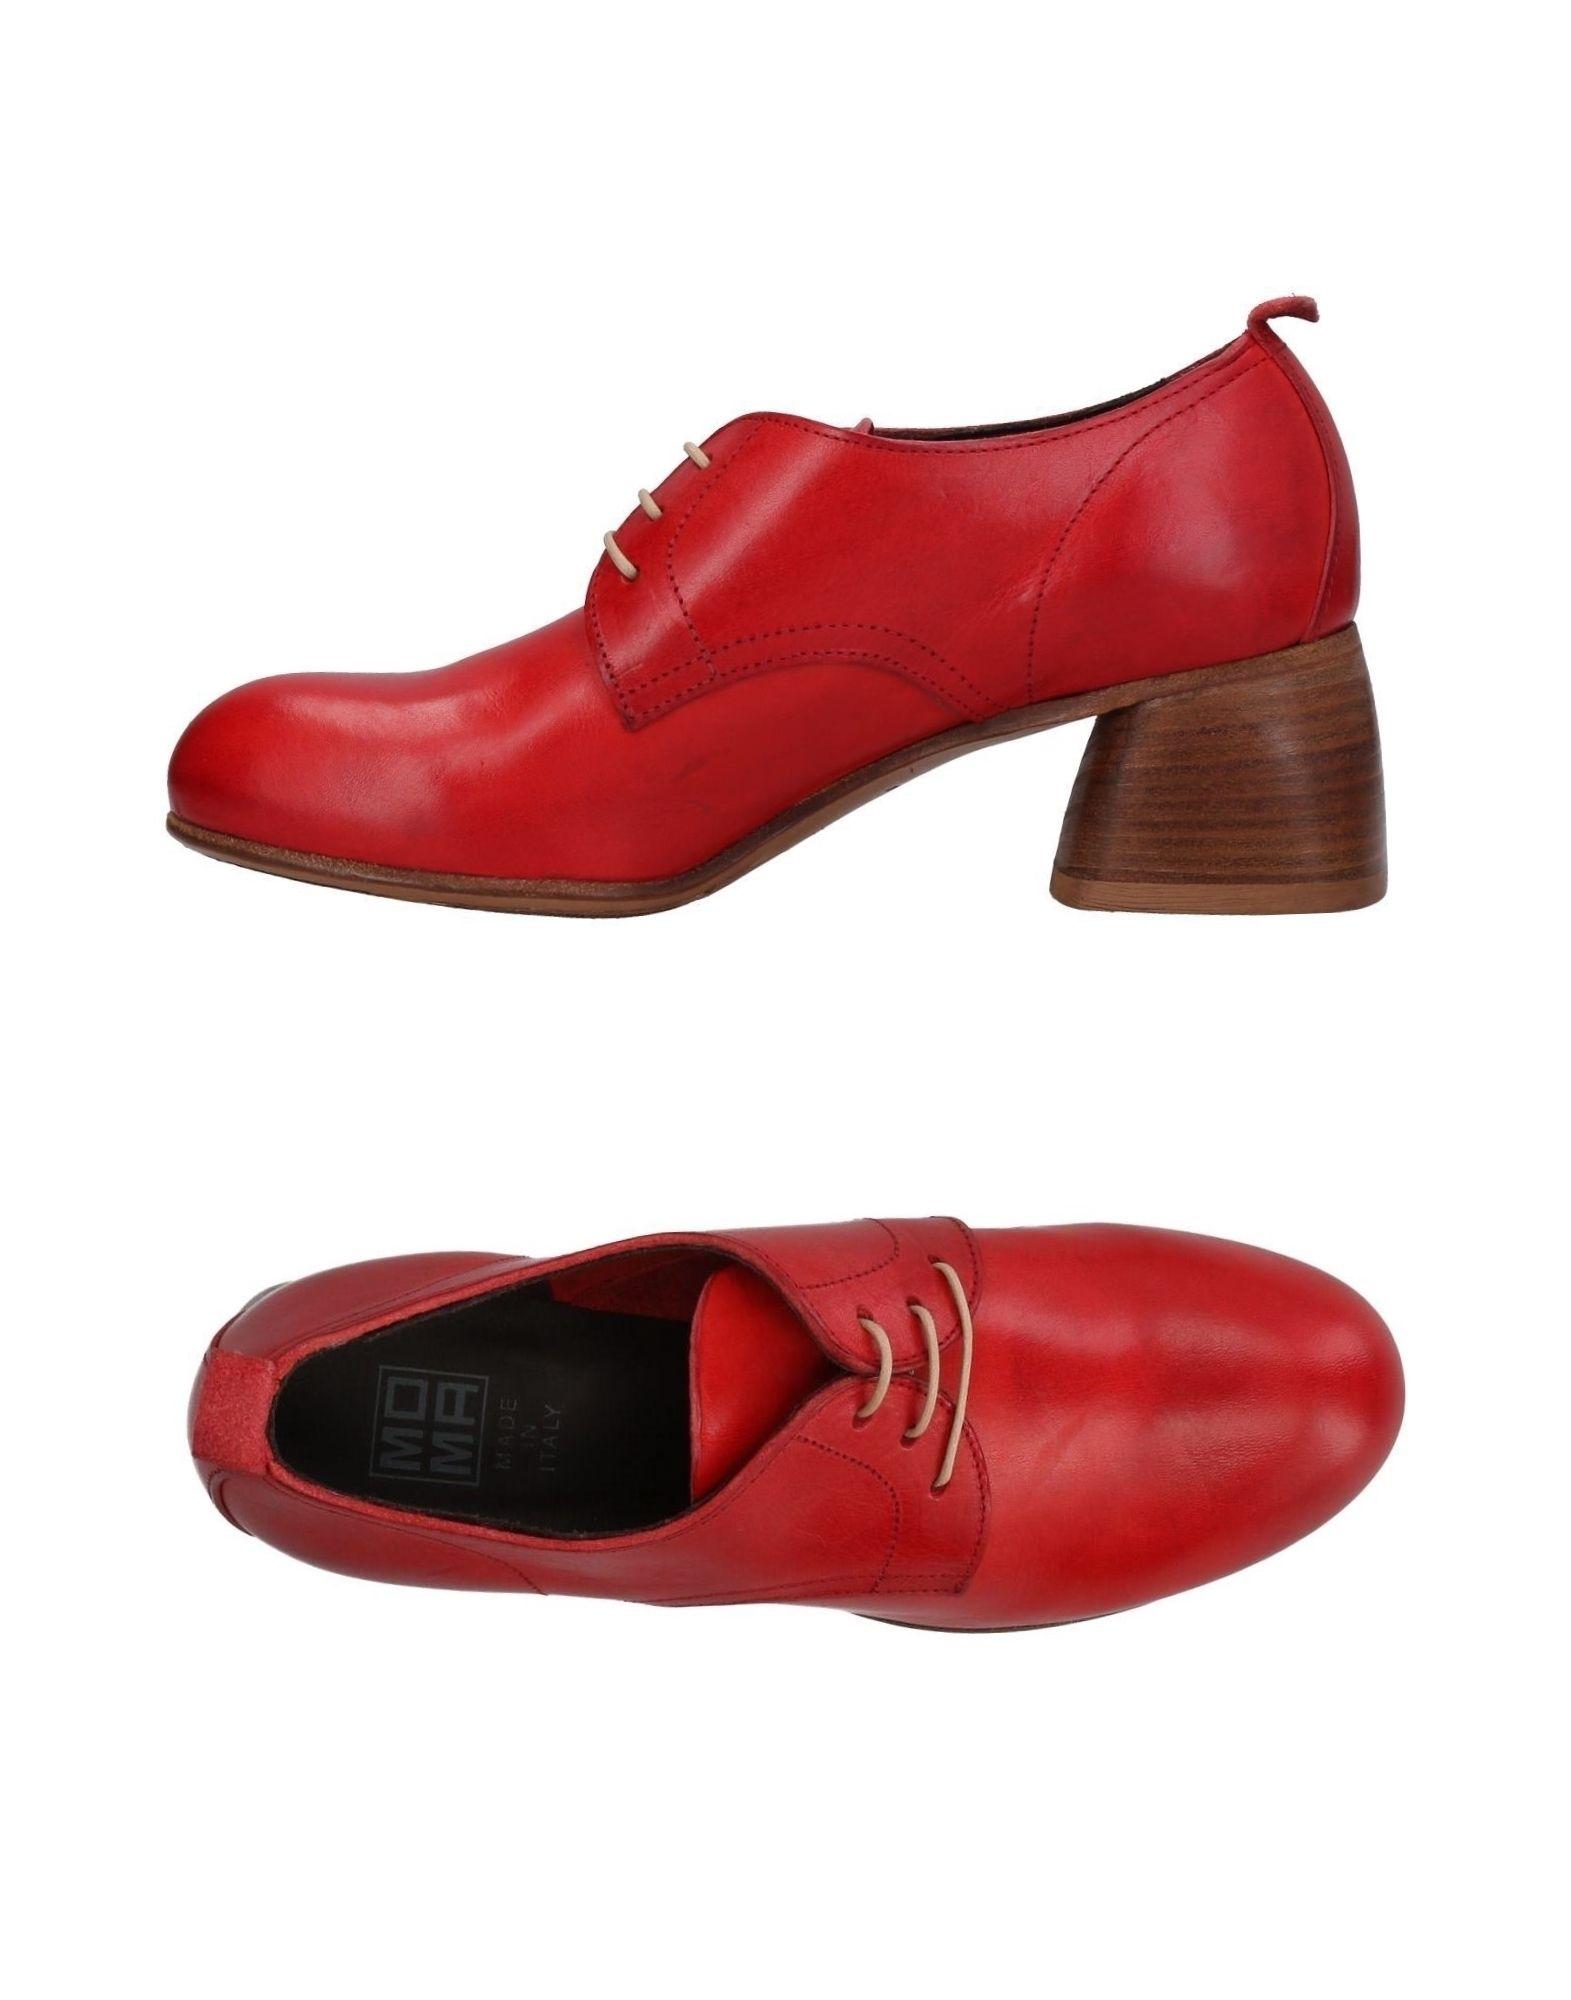 Moma Schnürschuhe Damen  11420552NGGut aussehende strapazierfähige Schuhe